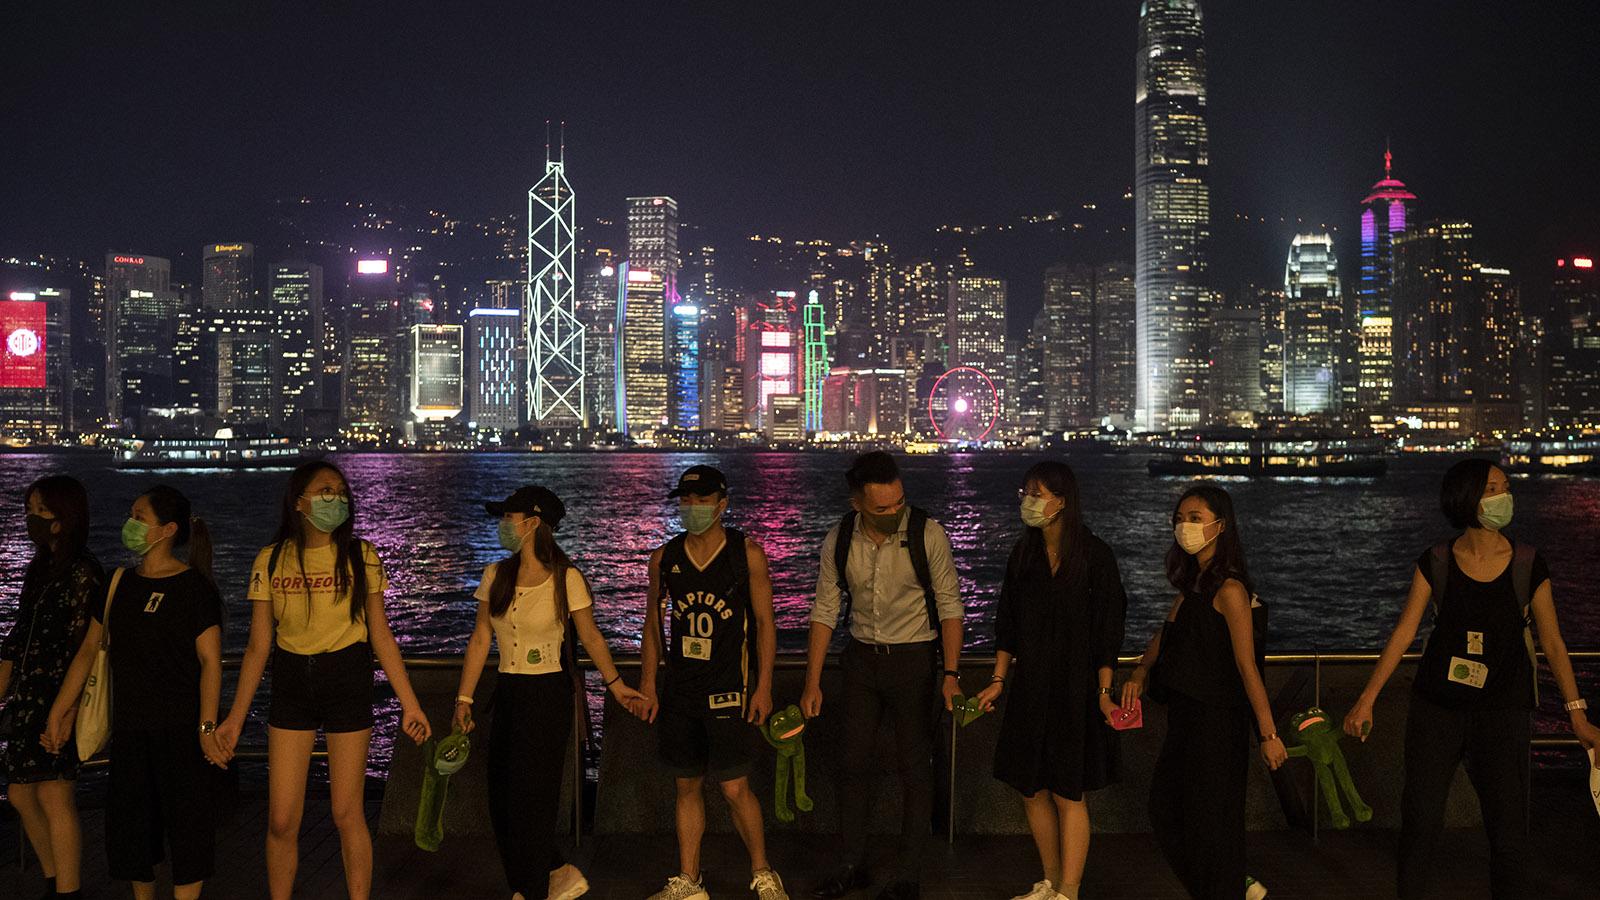 2019年9月30日,一些香港抗议者组成人墙。(美联社)